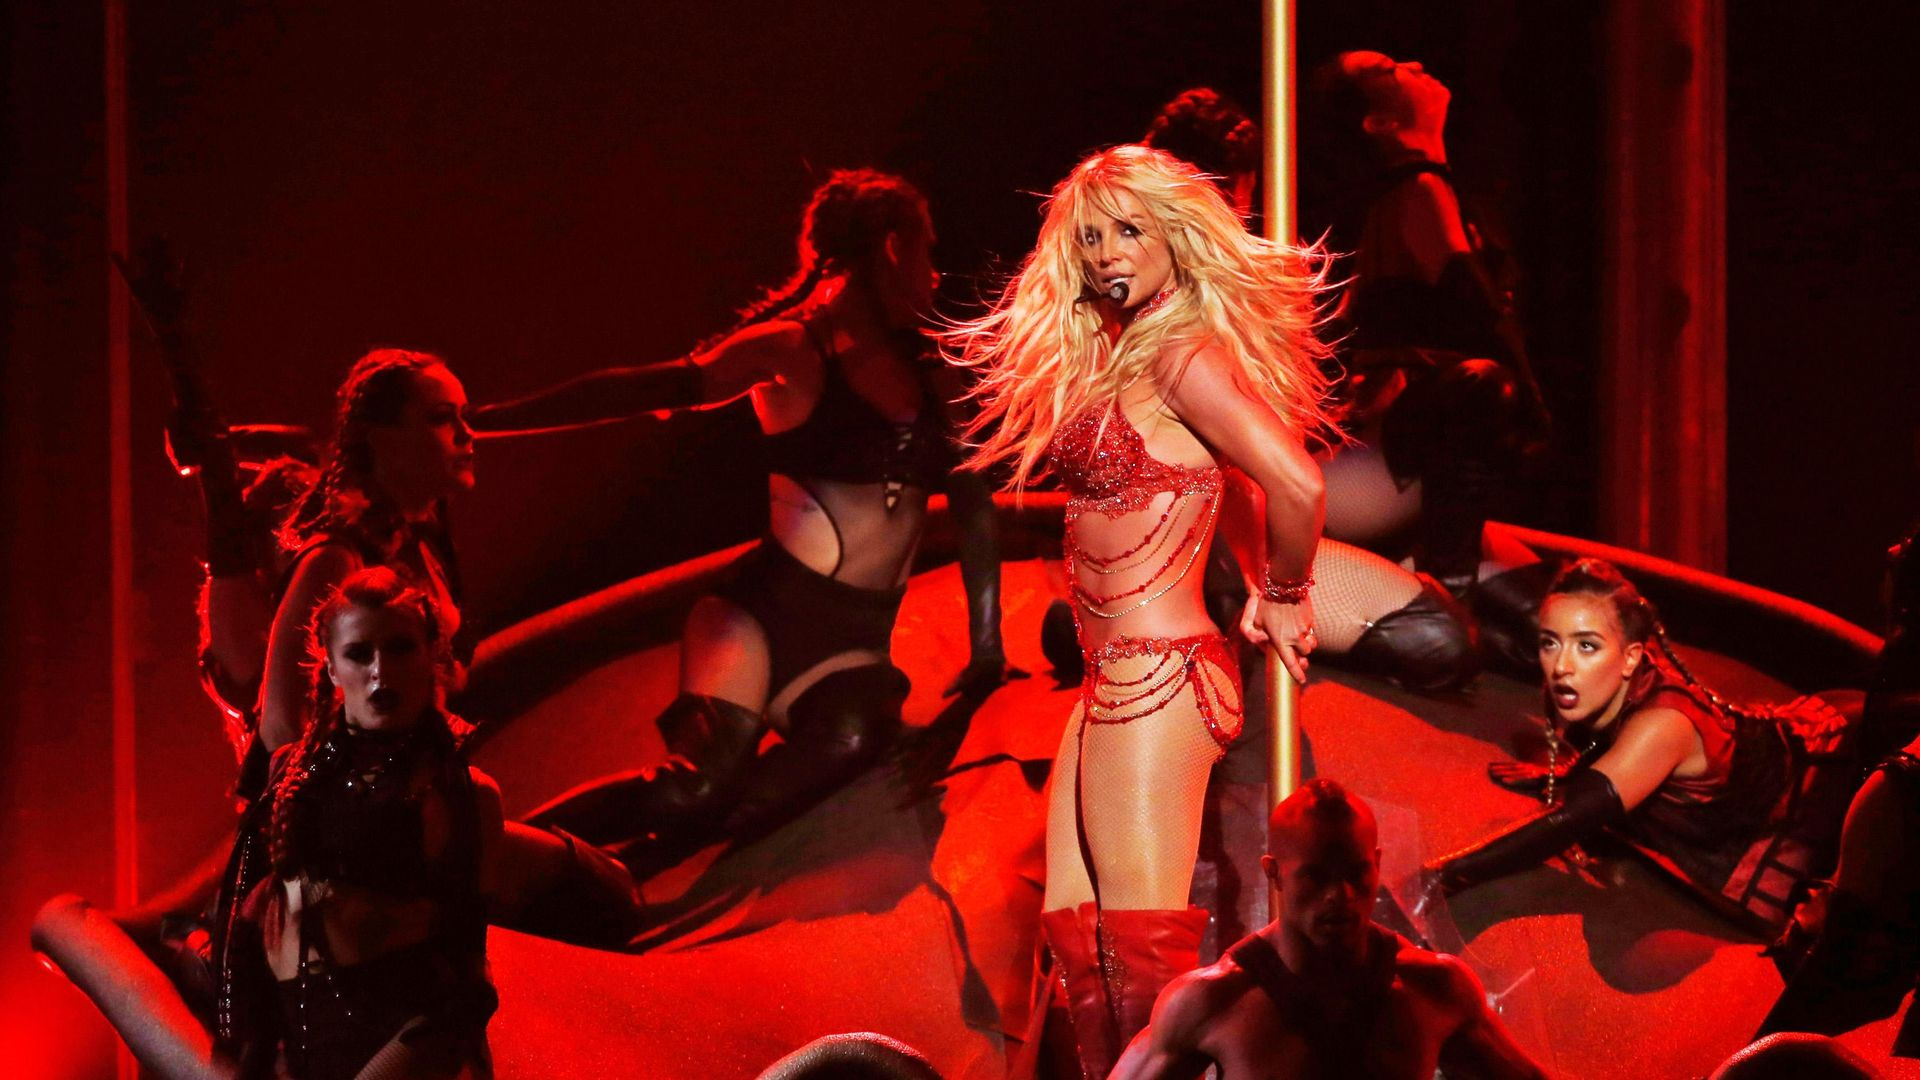 Britney Spears durante o Billboard Awards 2016, em Las Vegas (EUA): não se sabe ao certo se a cantora continuou trabalhando durante uma década por vontade própria ou forçada pela tutela